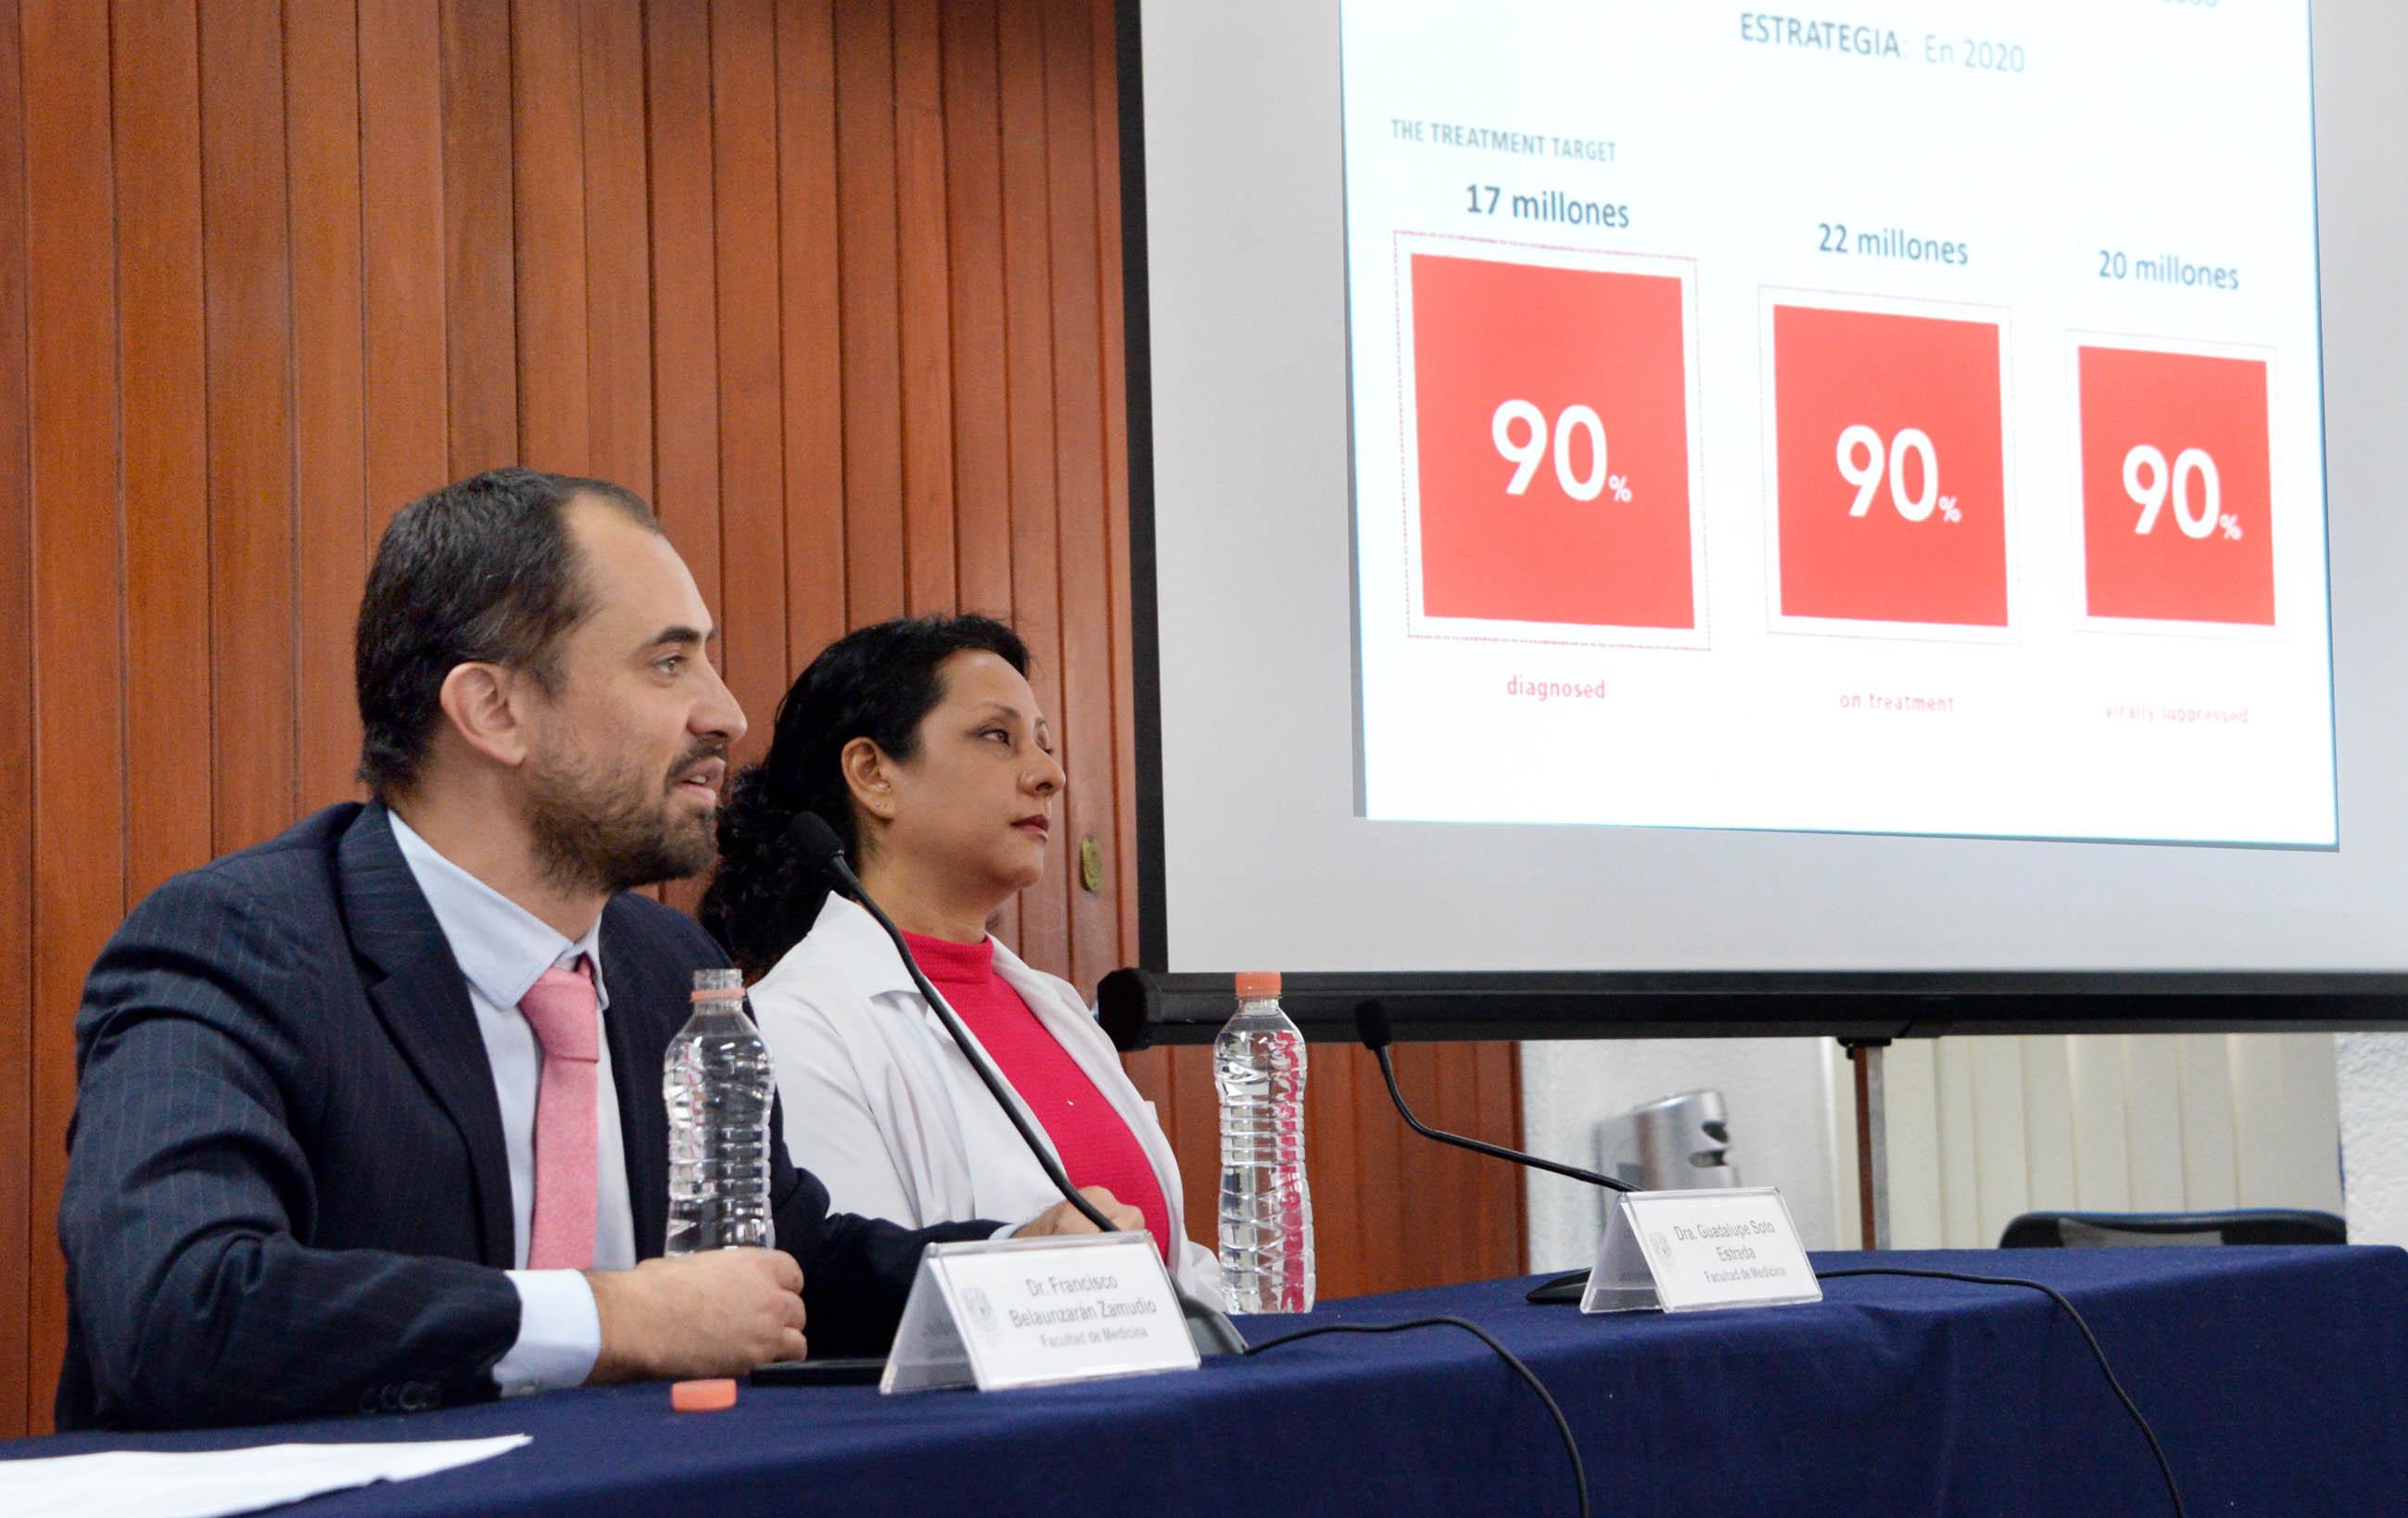 AUNQUE LA EPIDEMIA DEL VIH VA A LA BAJA EN EL MUNDO, EN MÉXICO EL NÚMERO DE MUERTES ES CONSTANTE